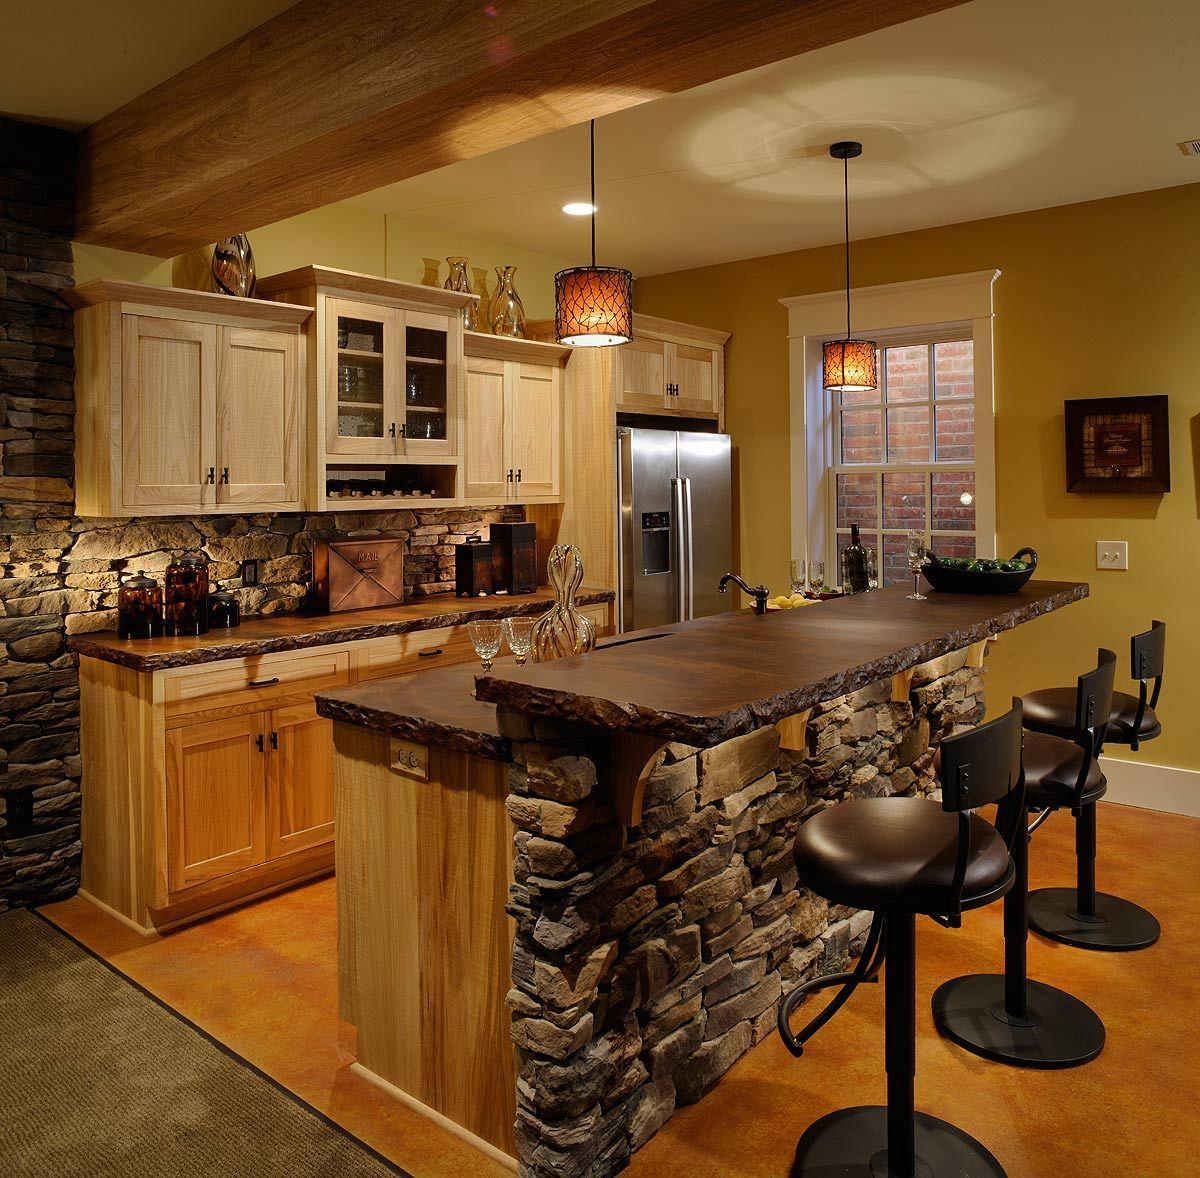 Cocina y desayunador estilo rústico | Cocina en madera | Pinterest ...